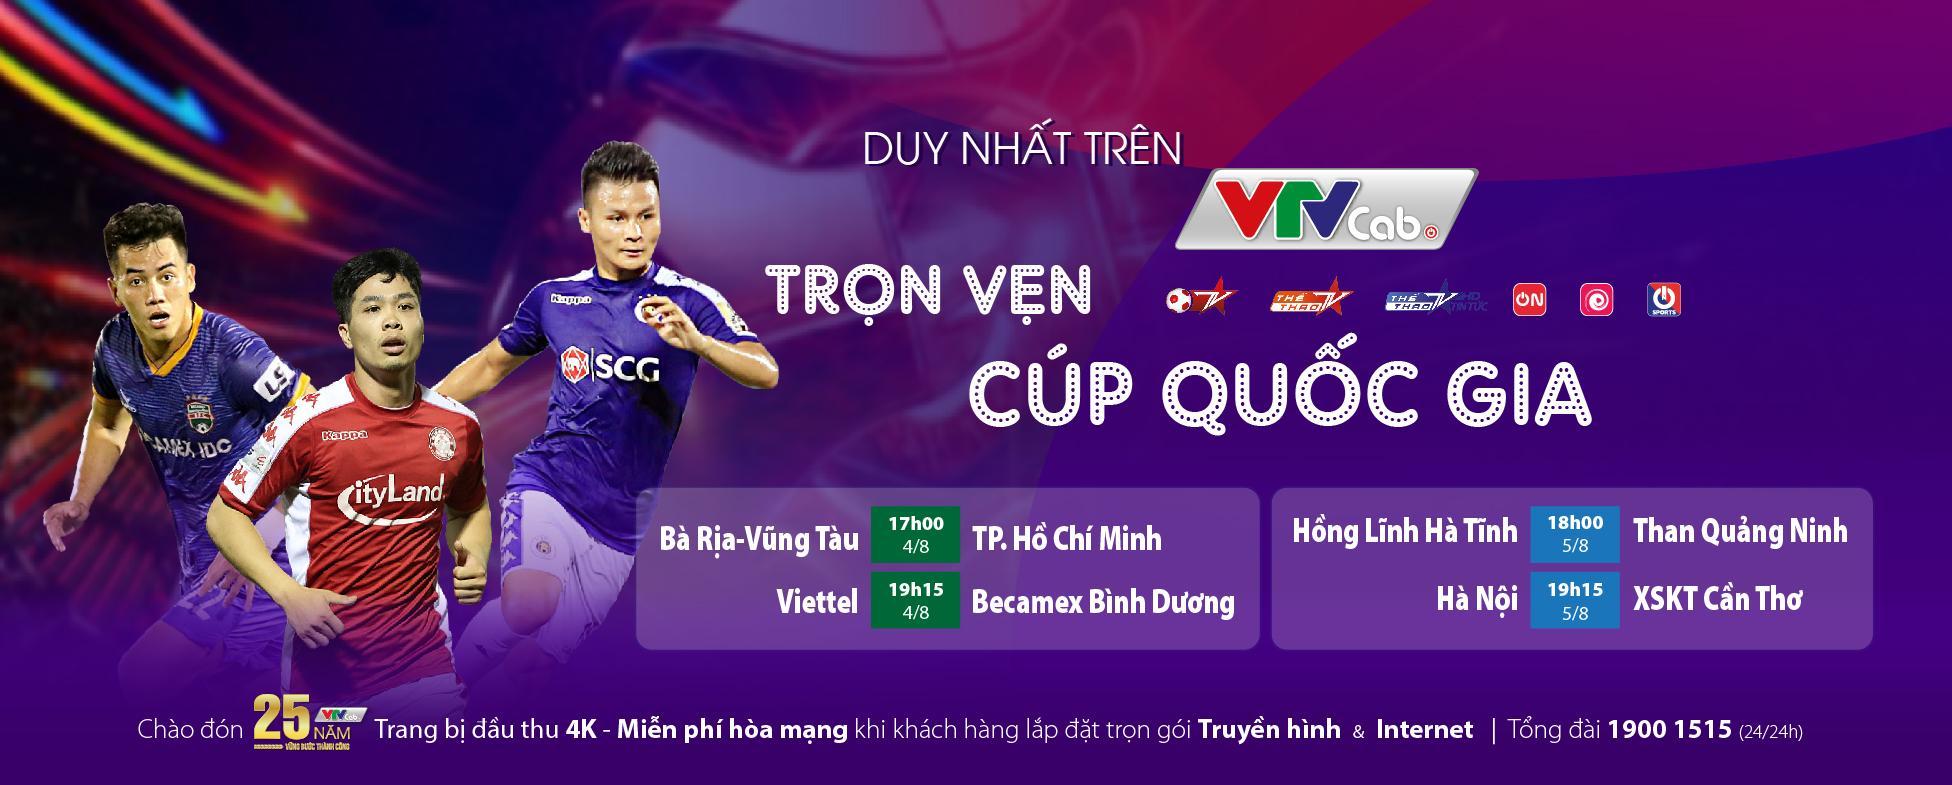 Lịch thi đấu Cúp Quốc gia mới nhất trên các kênh sóng VTVcab.